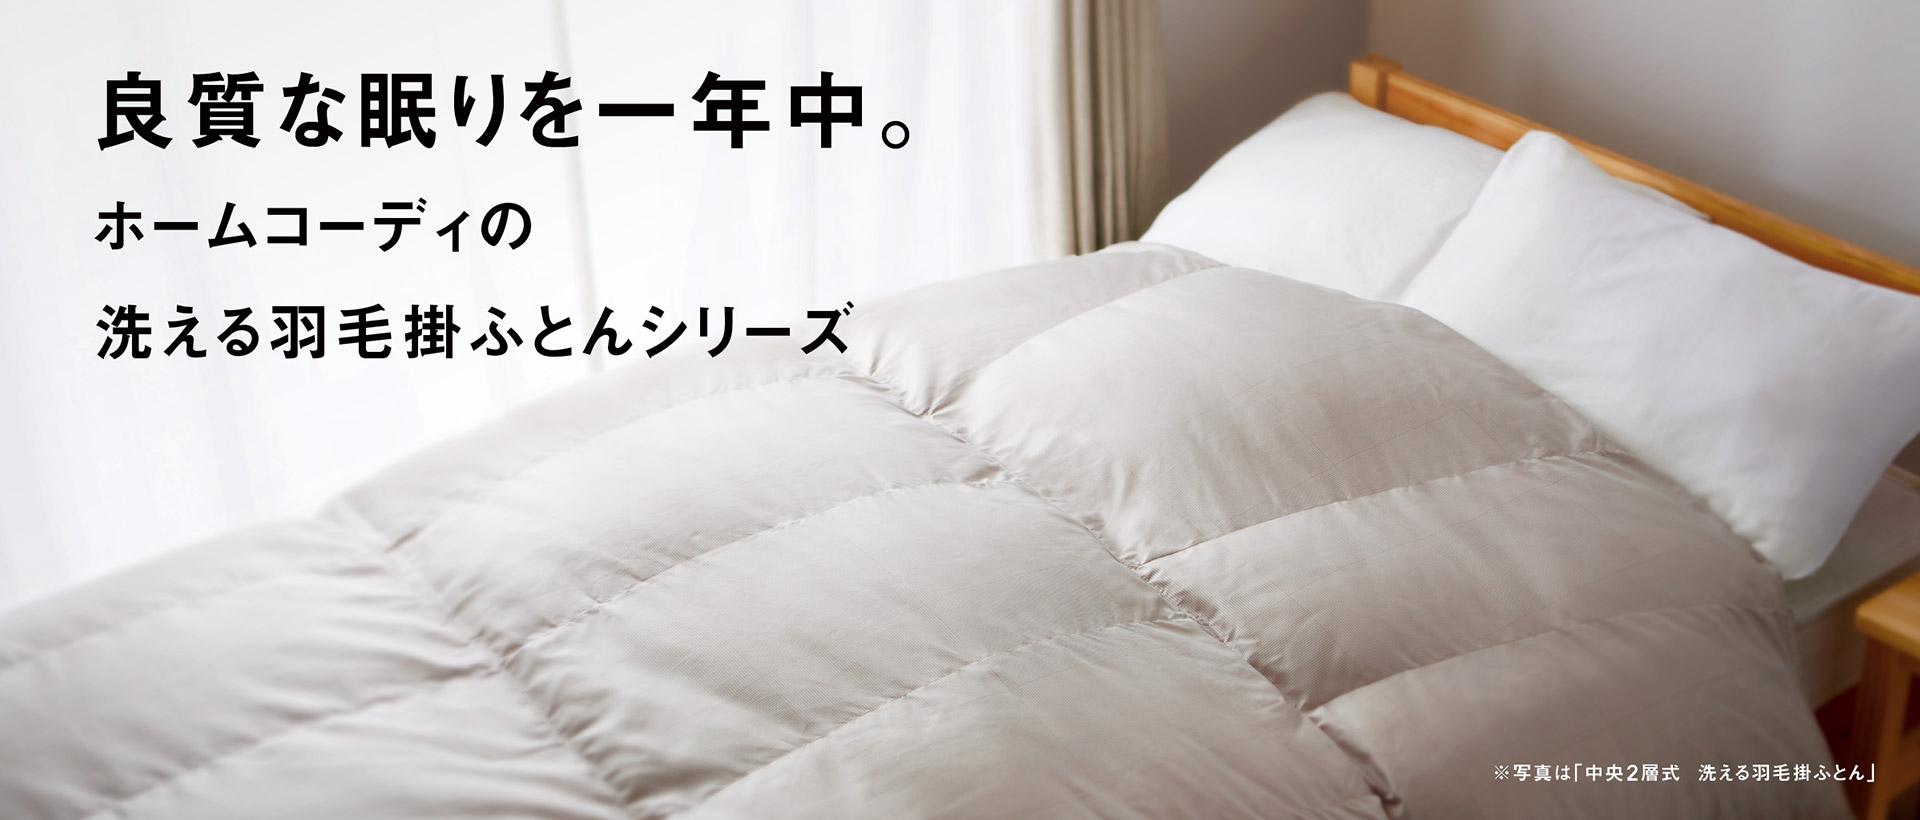 良質な眠りを一年中。洗える羽毛掛ふとんシリーズ 実用新案登録済!